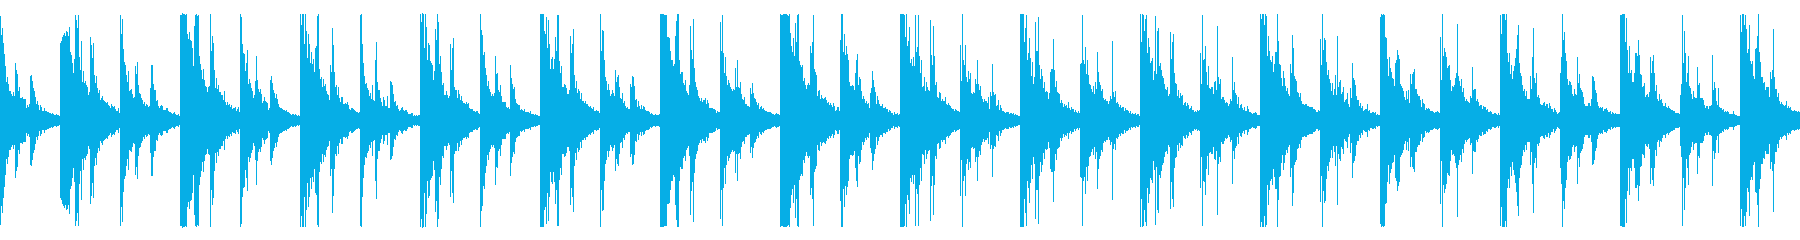 非現実的で不気味な時計の音 ループ の再生済みの波形